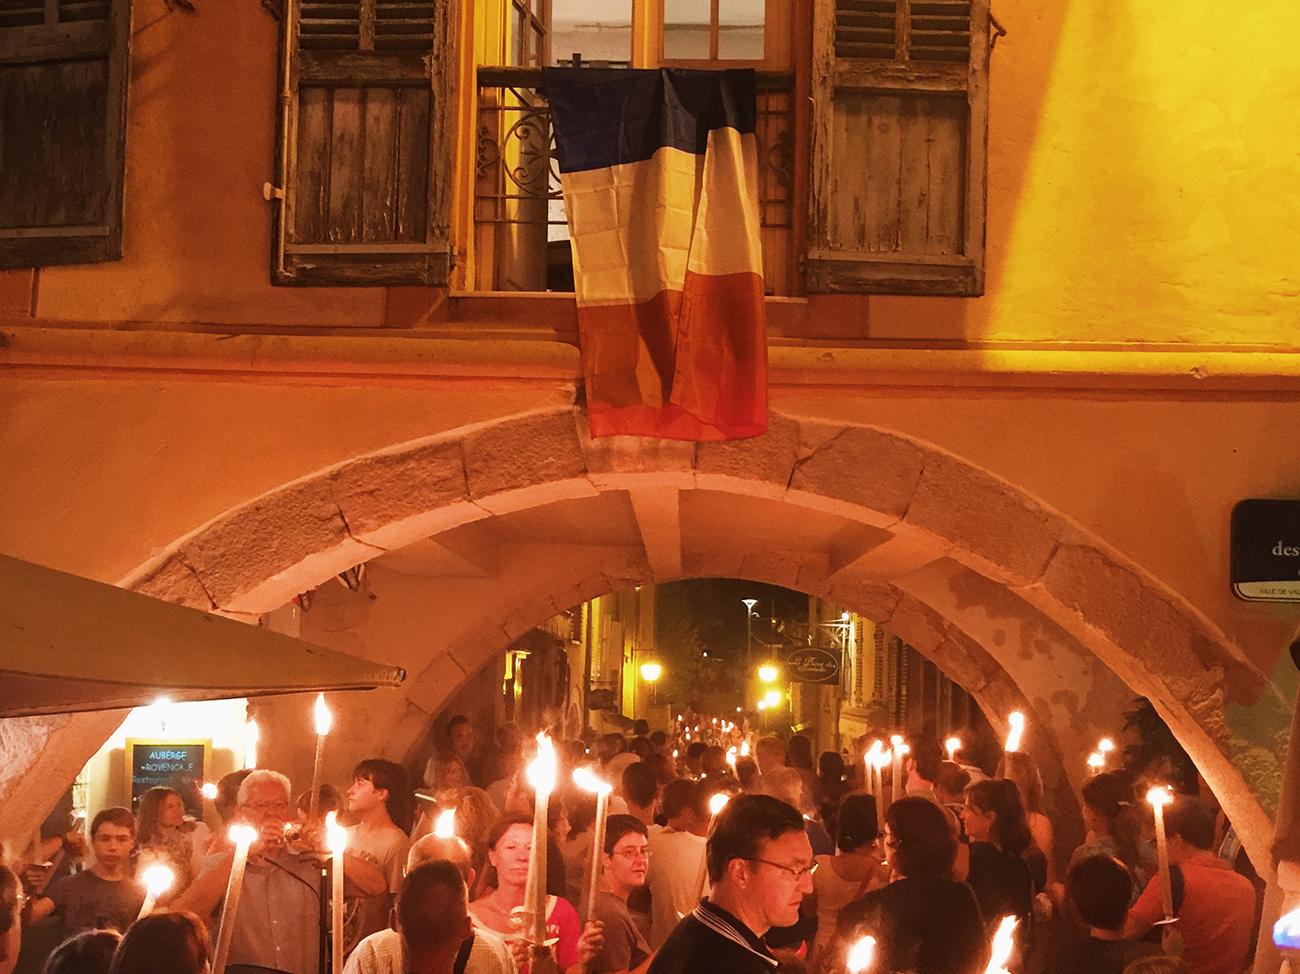 Fete de Saint Jean Valbonne France